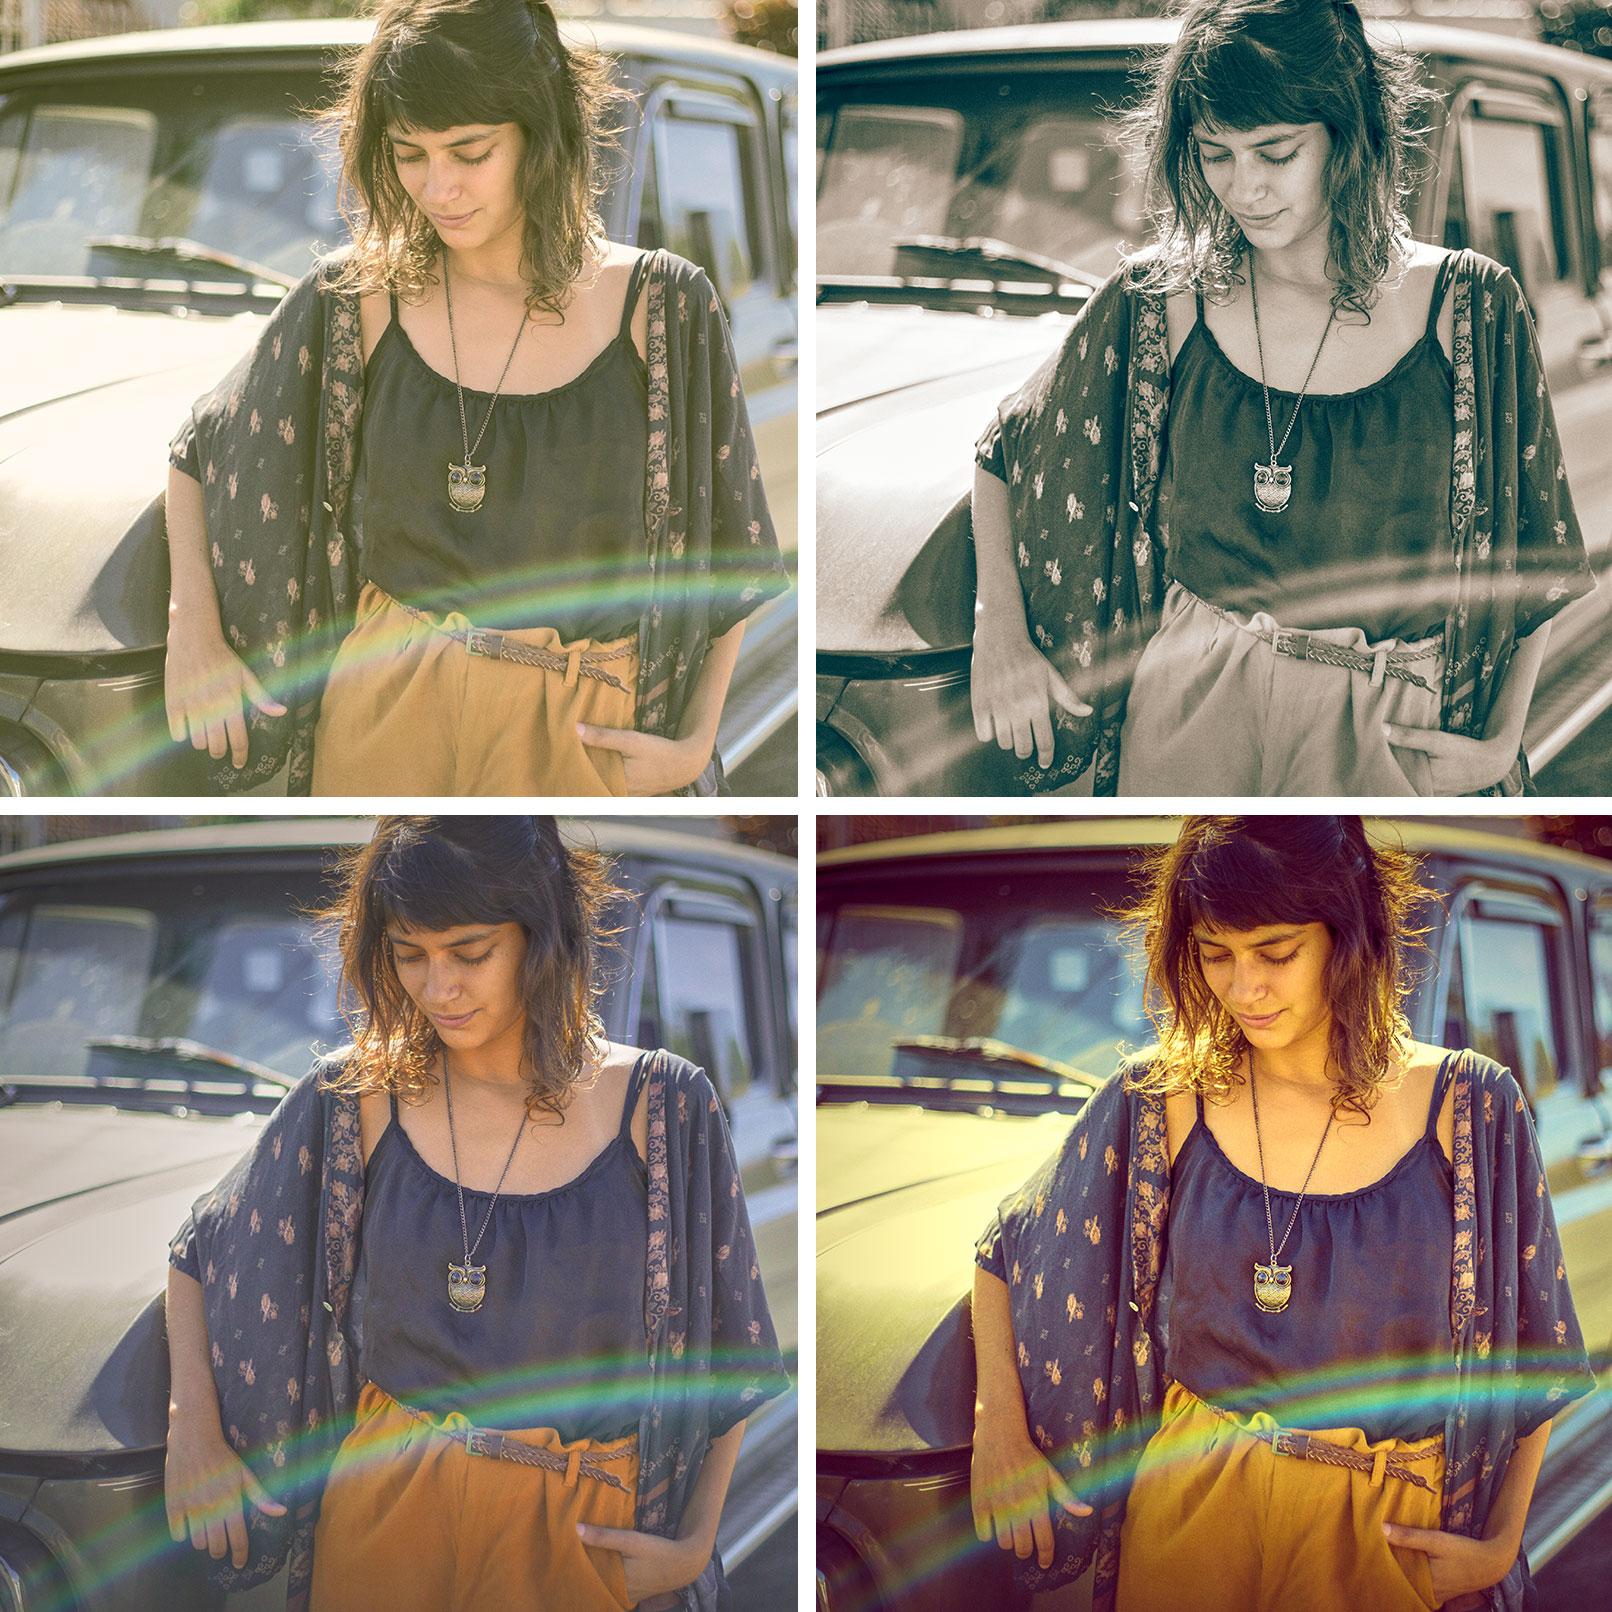 Bild einer Frau, auf das verschiedene Capture One-Presets aufgelegt wurden